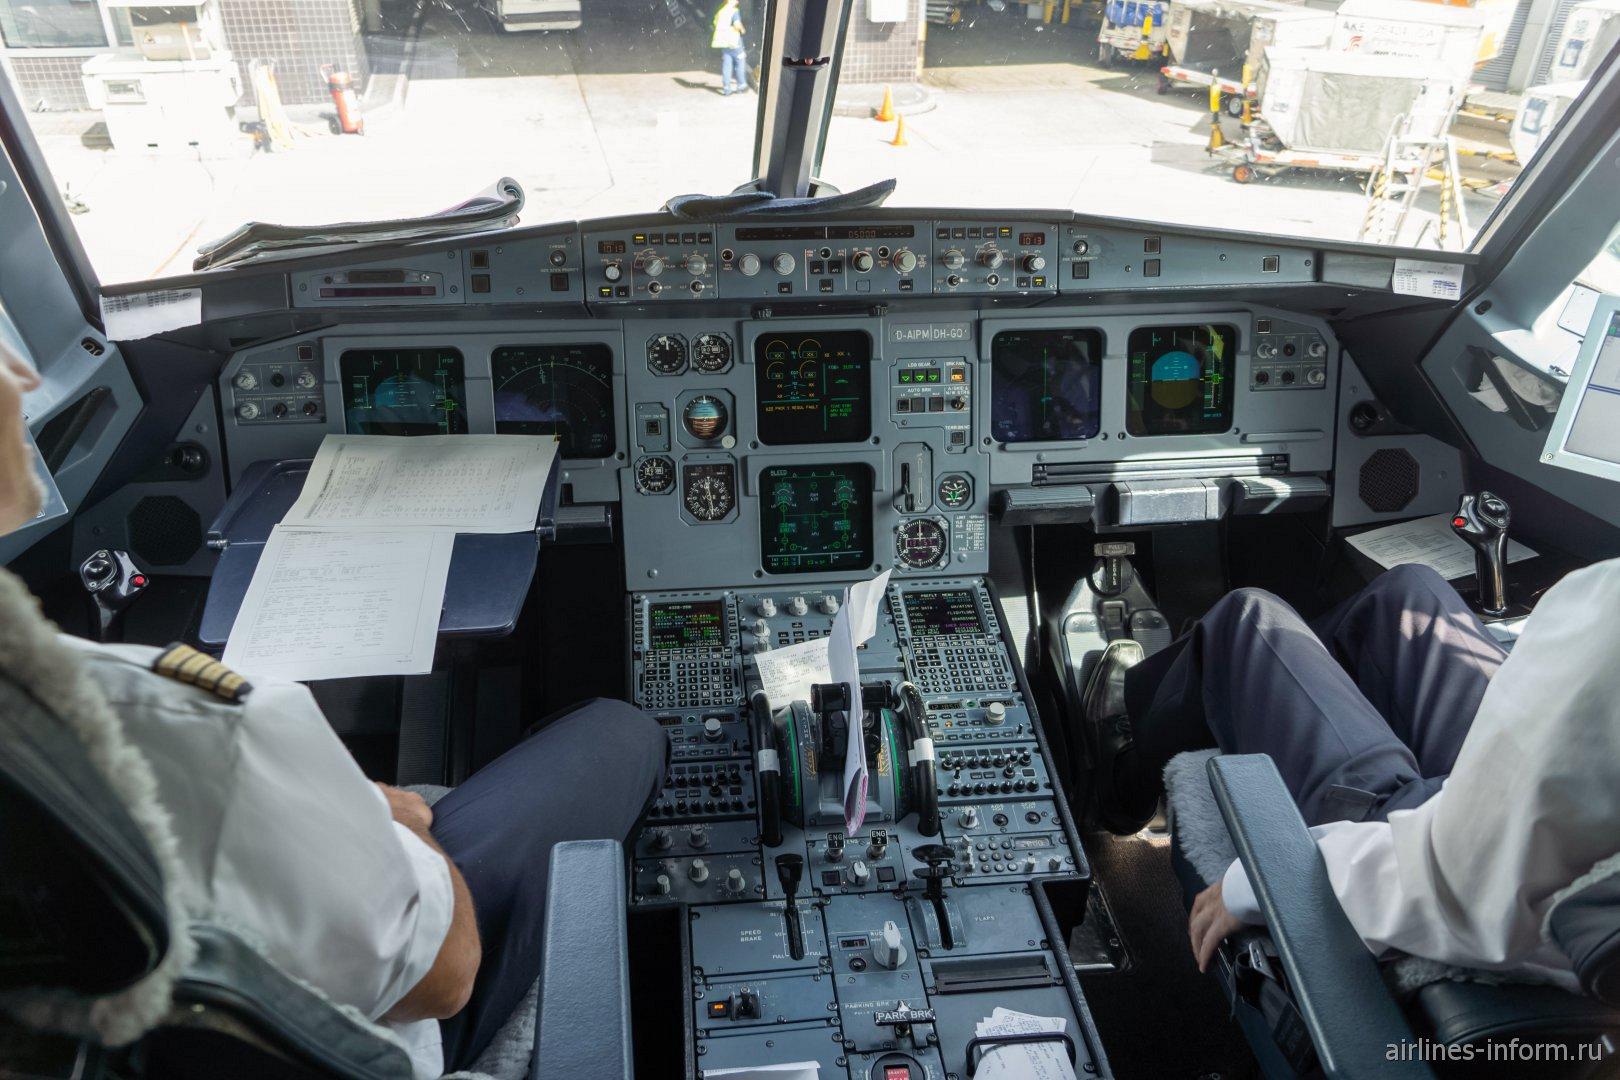 Кабина пилотов в самолете Airbus A320 авиакомпании Lufthansa